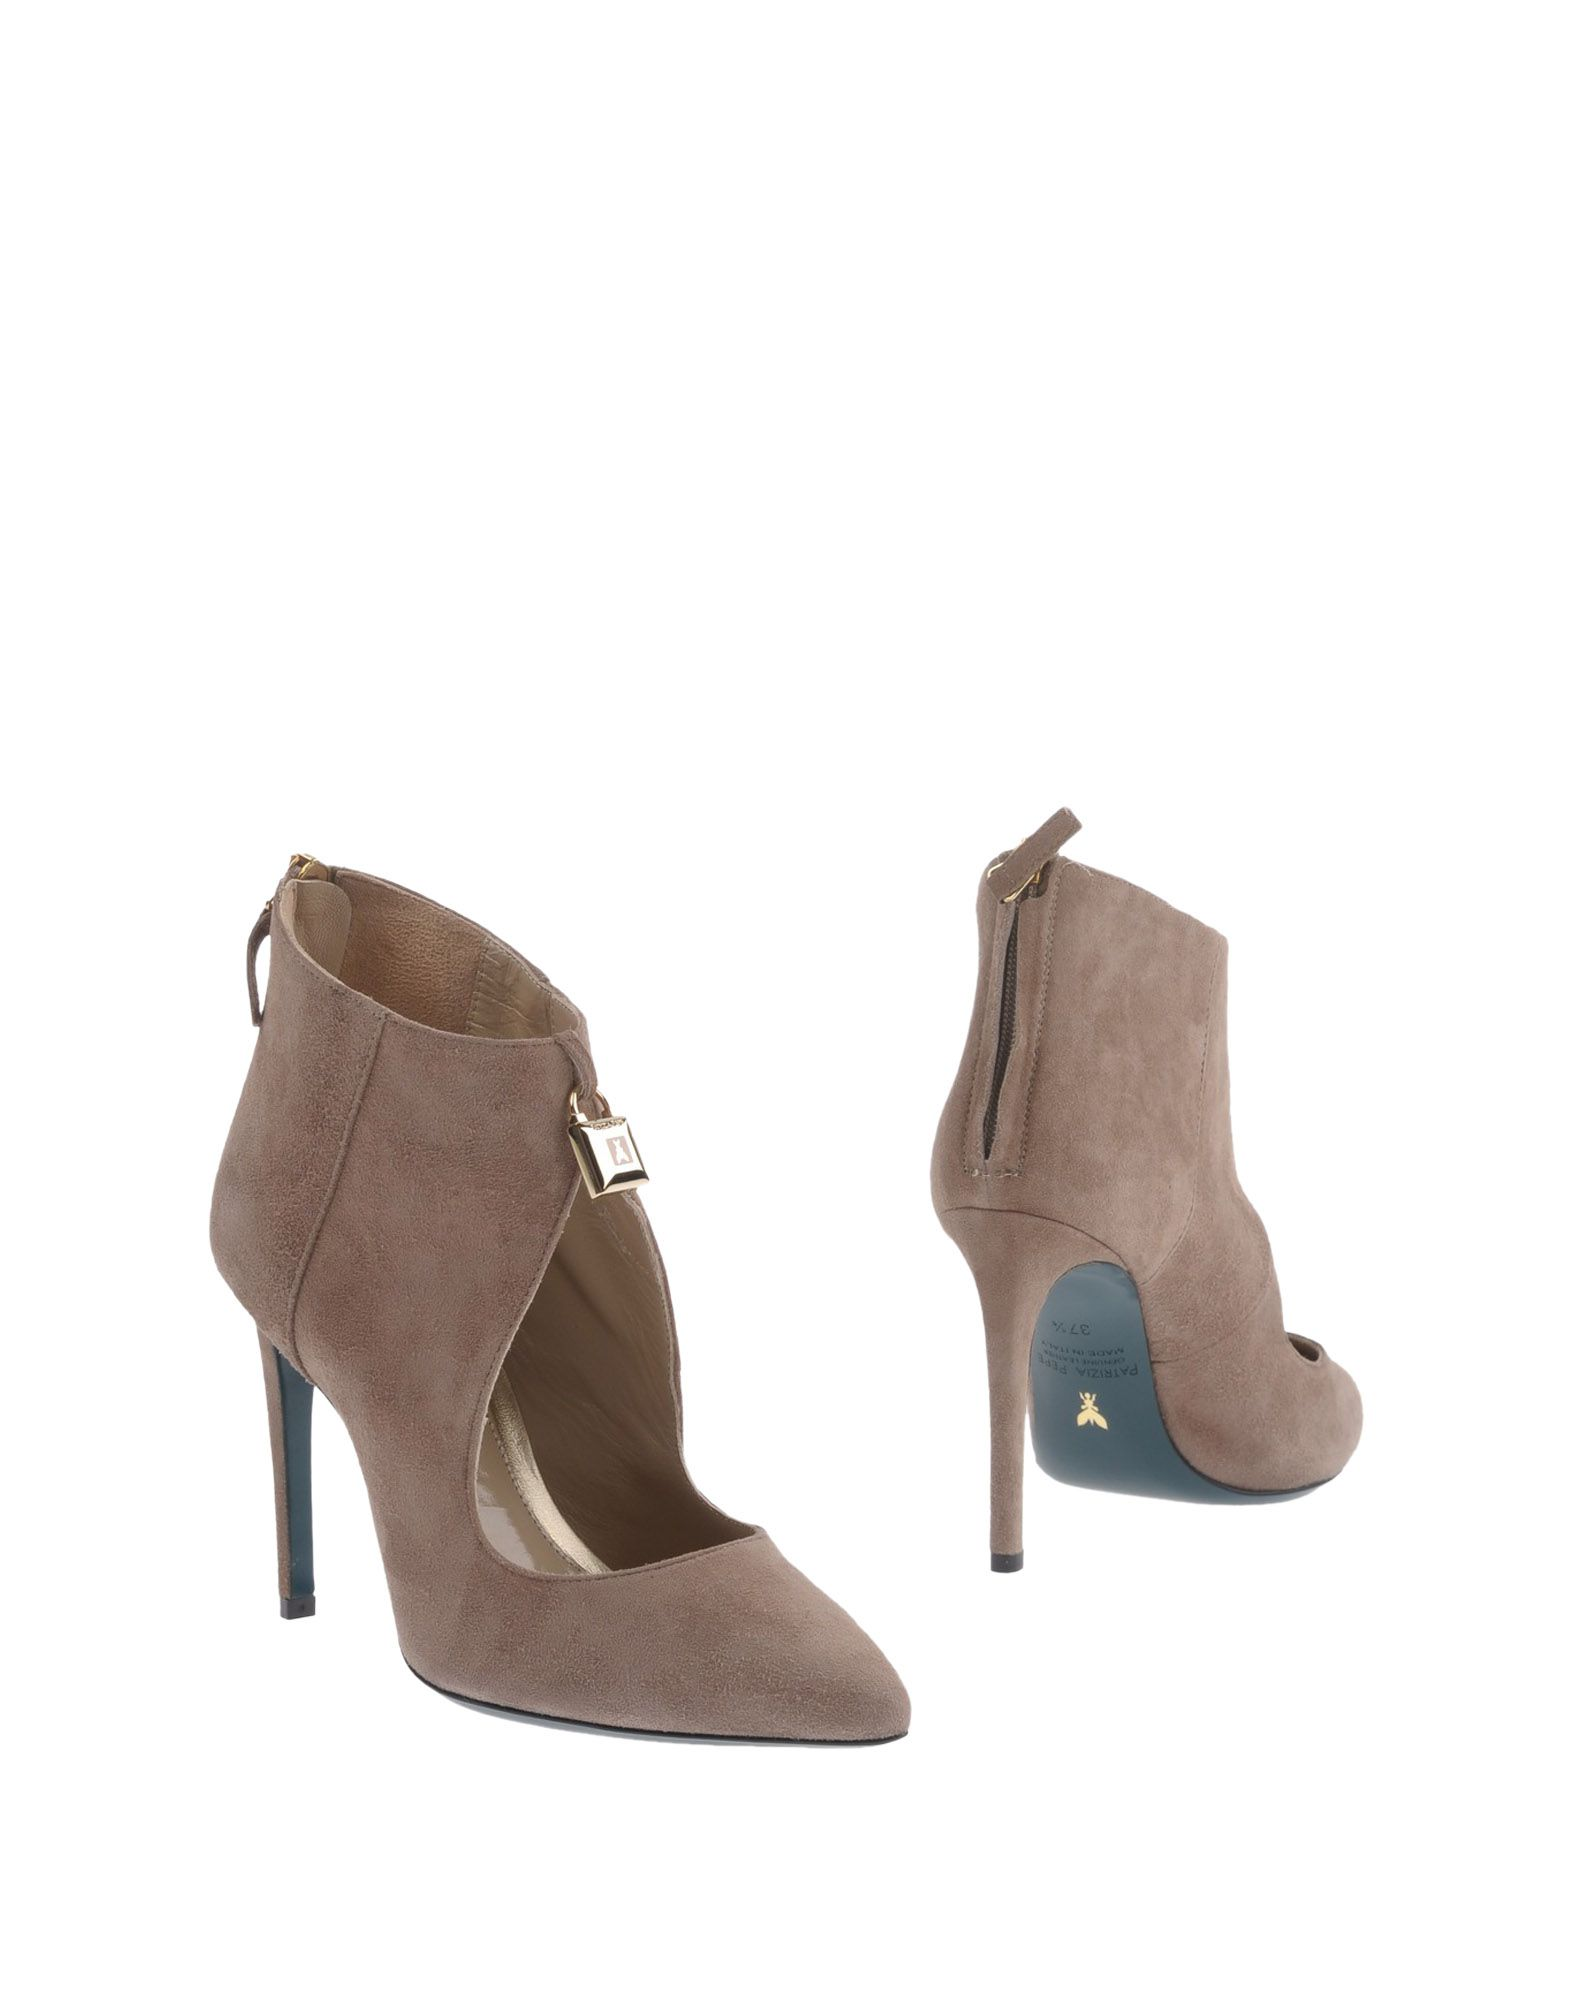 Patrizia Pepe Stiefelette Damen  Schuhe 11219202LT Beliebte Schuhe  ecfe1e